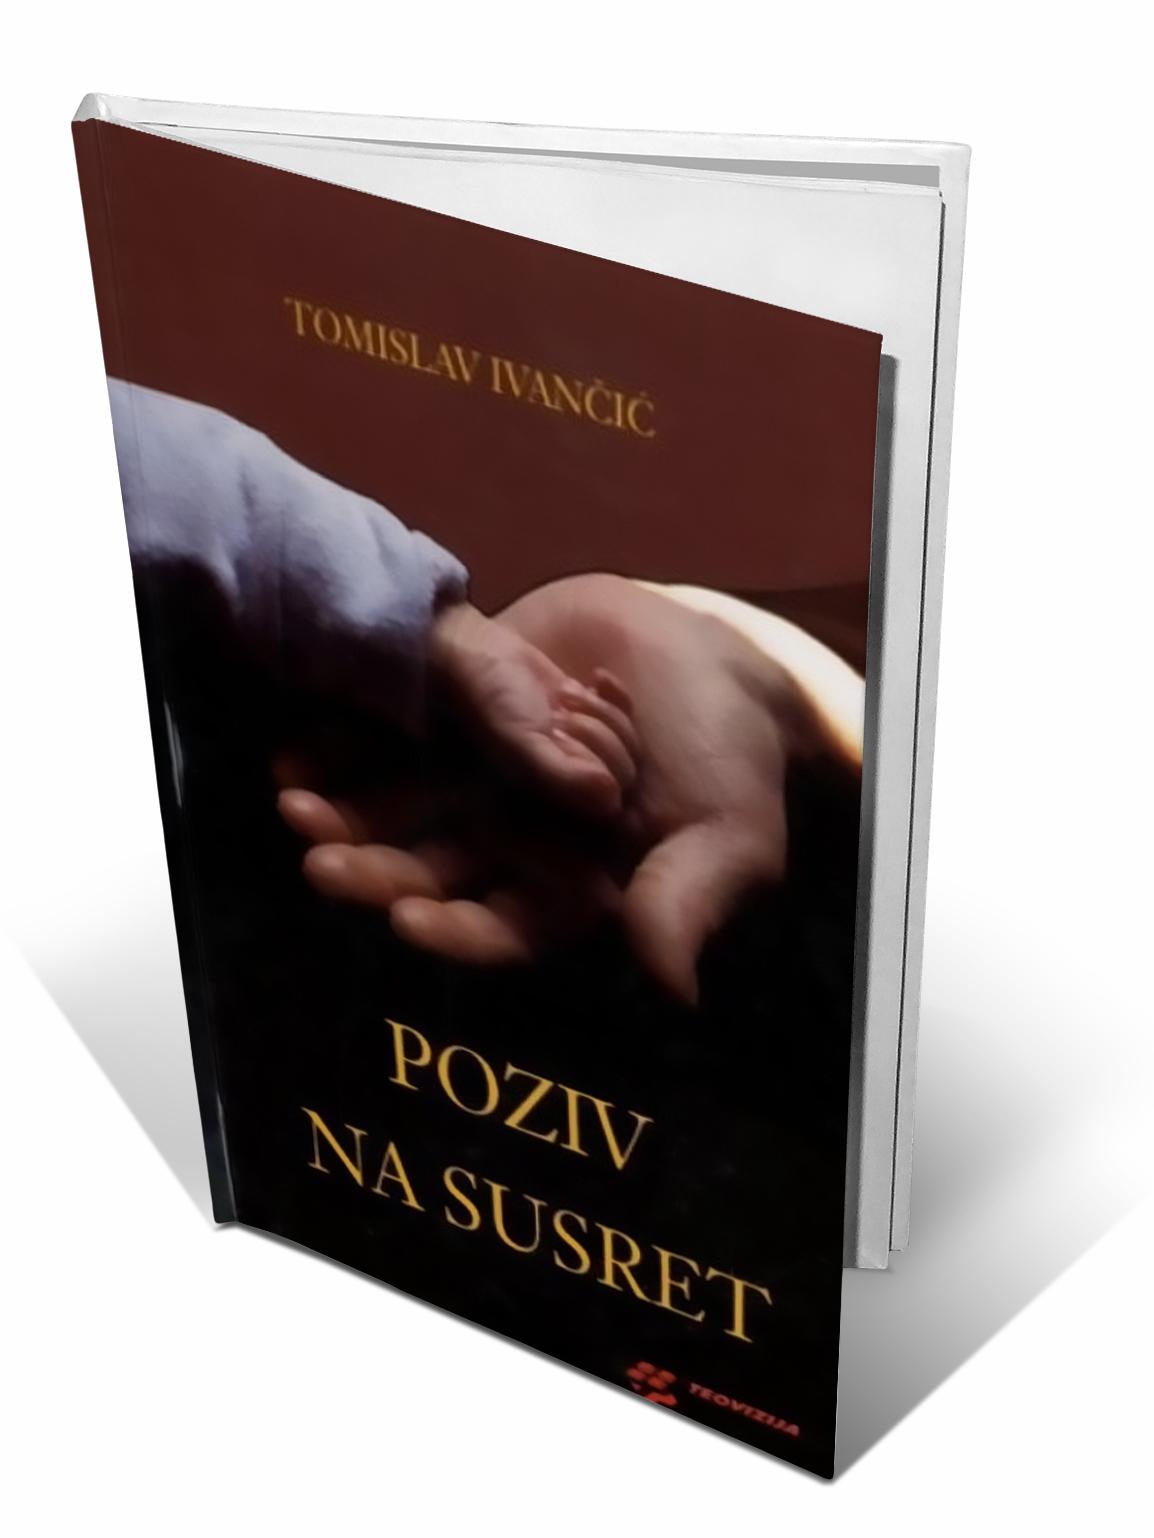 POZIV NA SUSRET - Tomislav Ivančić